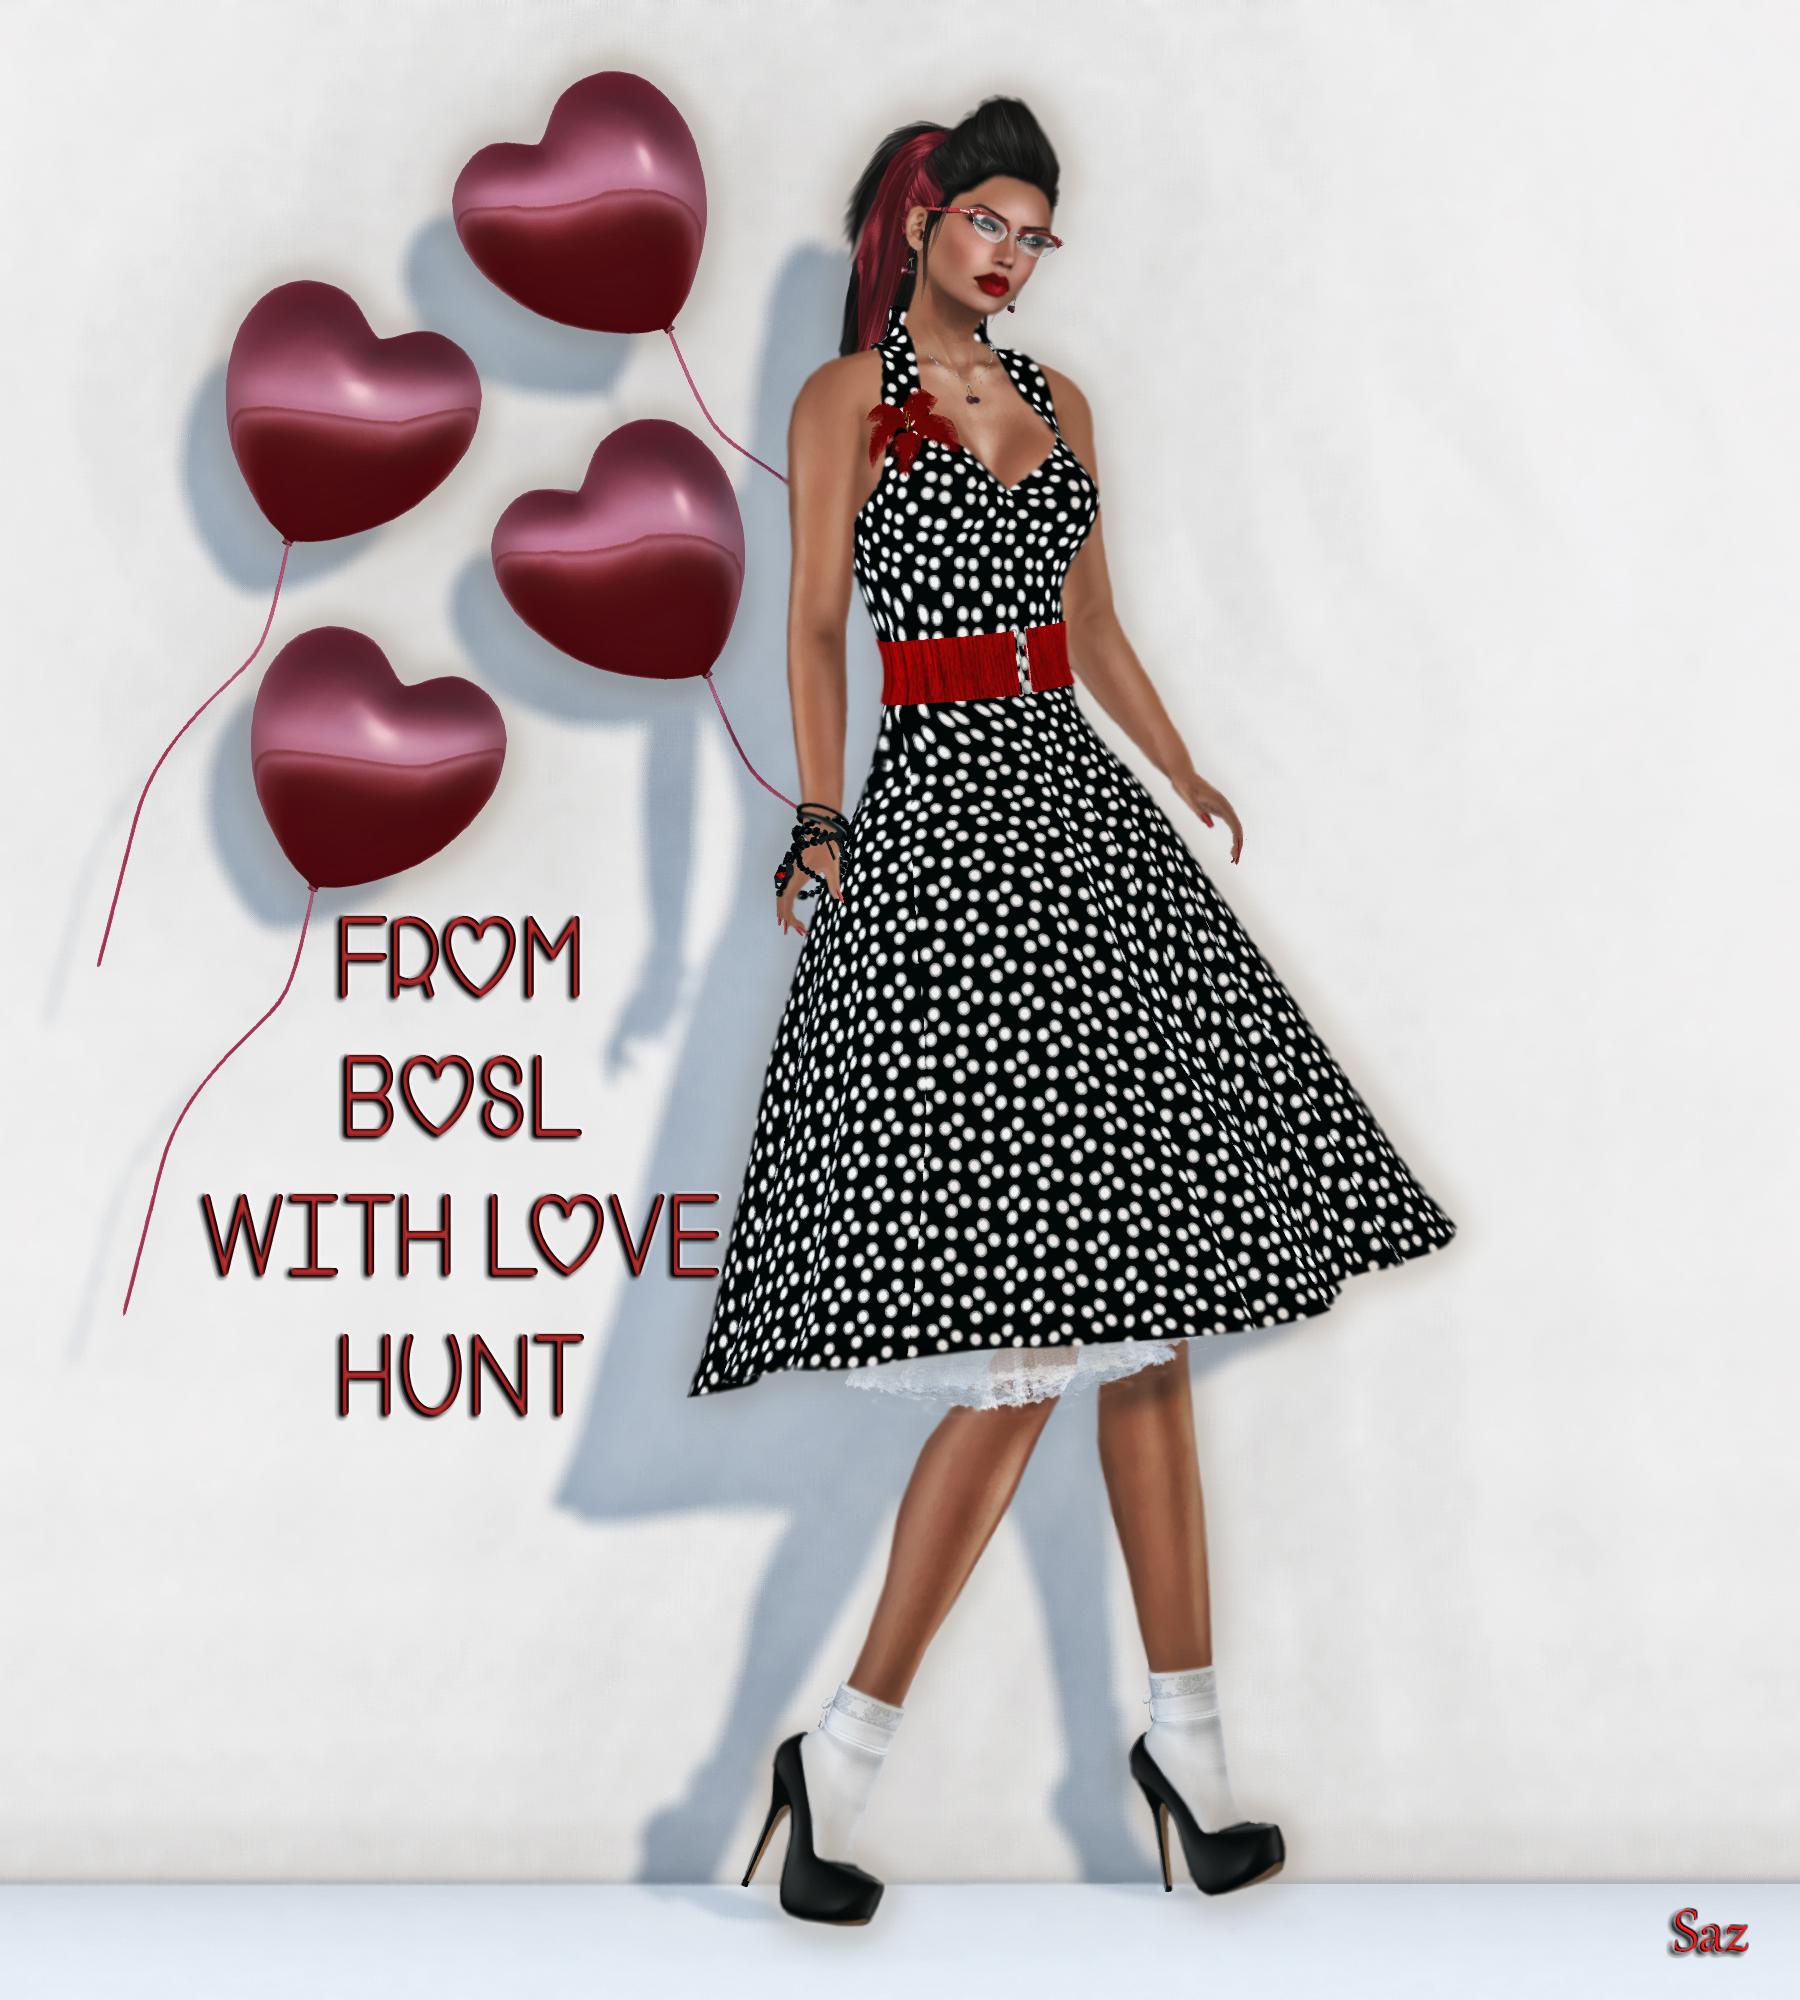 BOSL Love Hunt - UniQue and AD